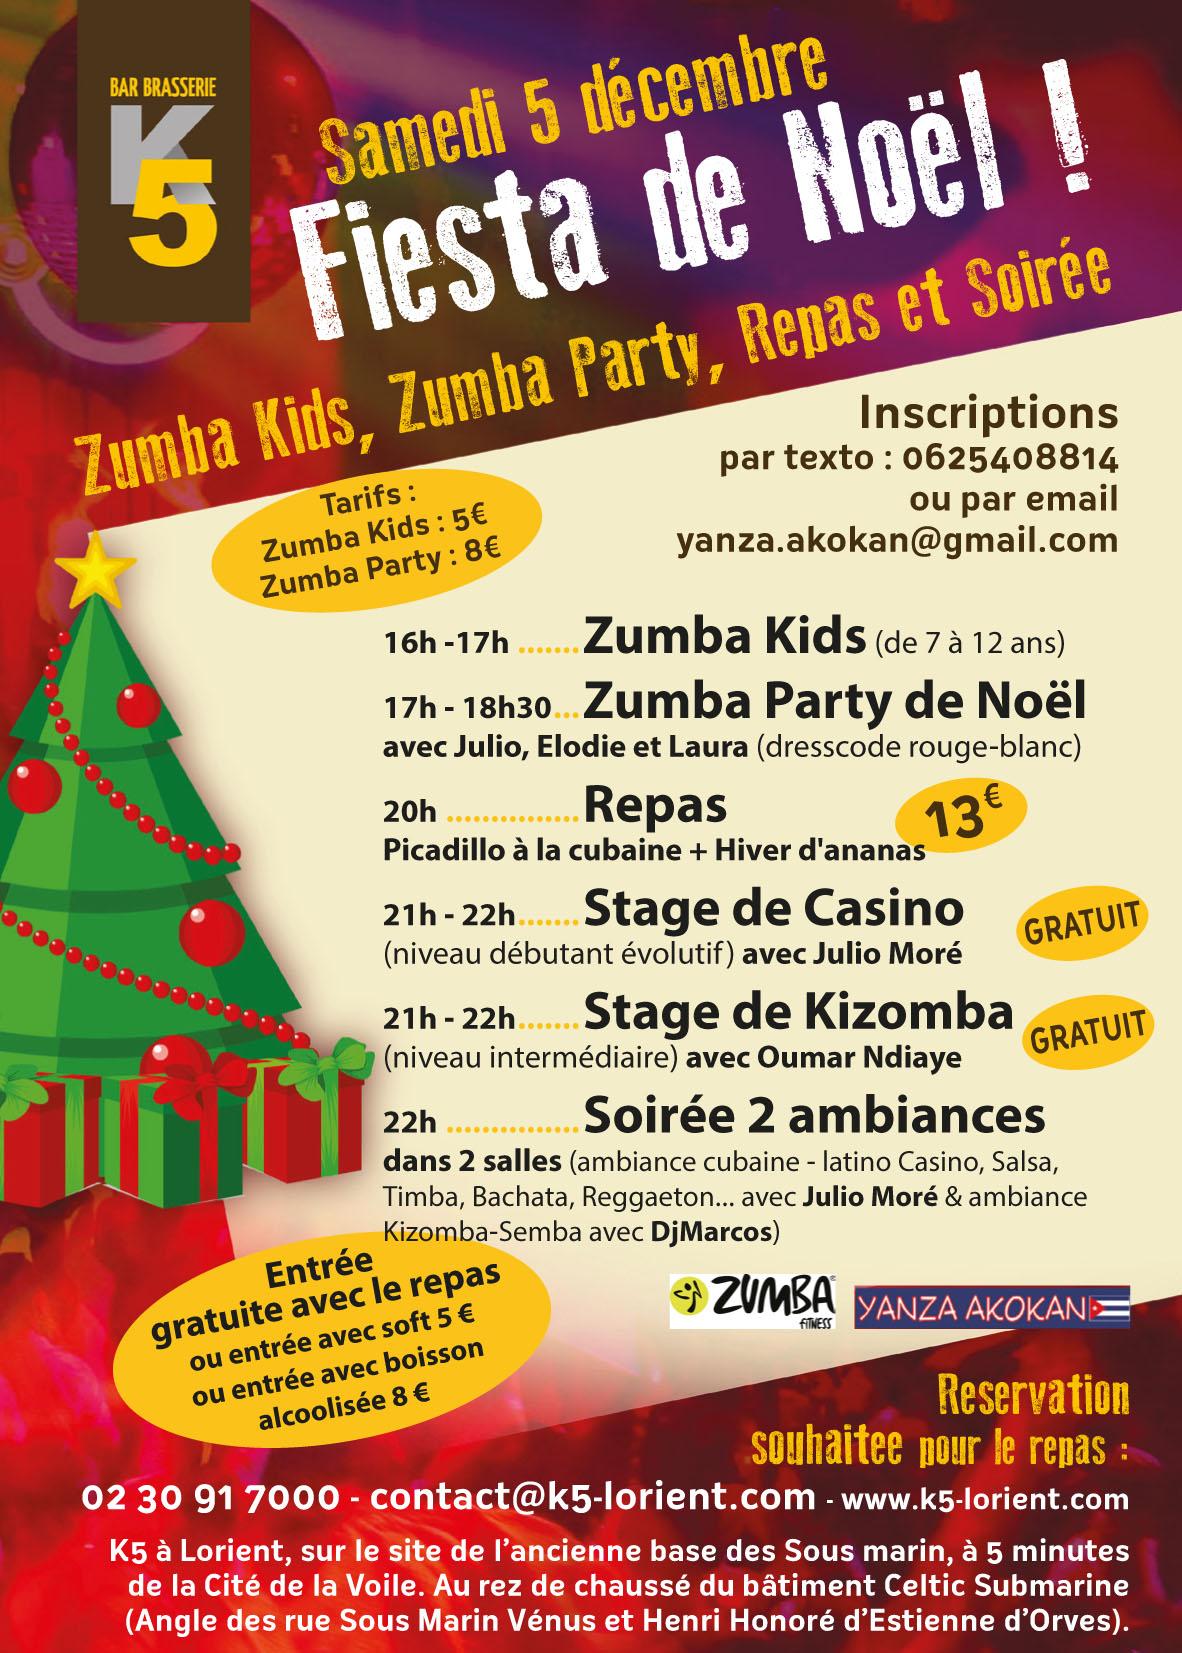 Fiesta de Noel 2015 (1)